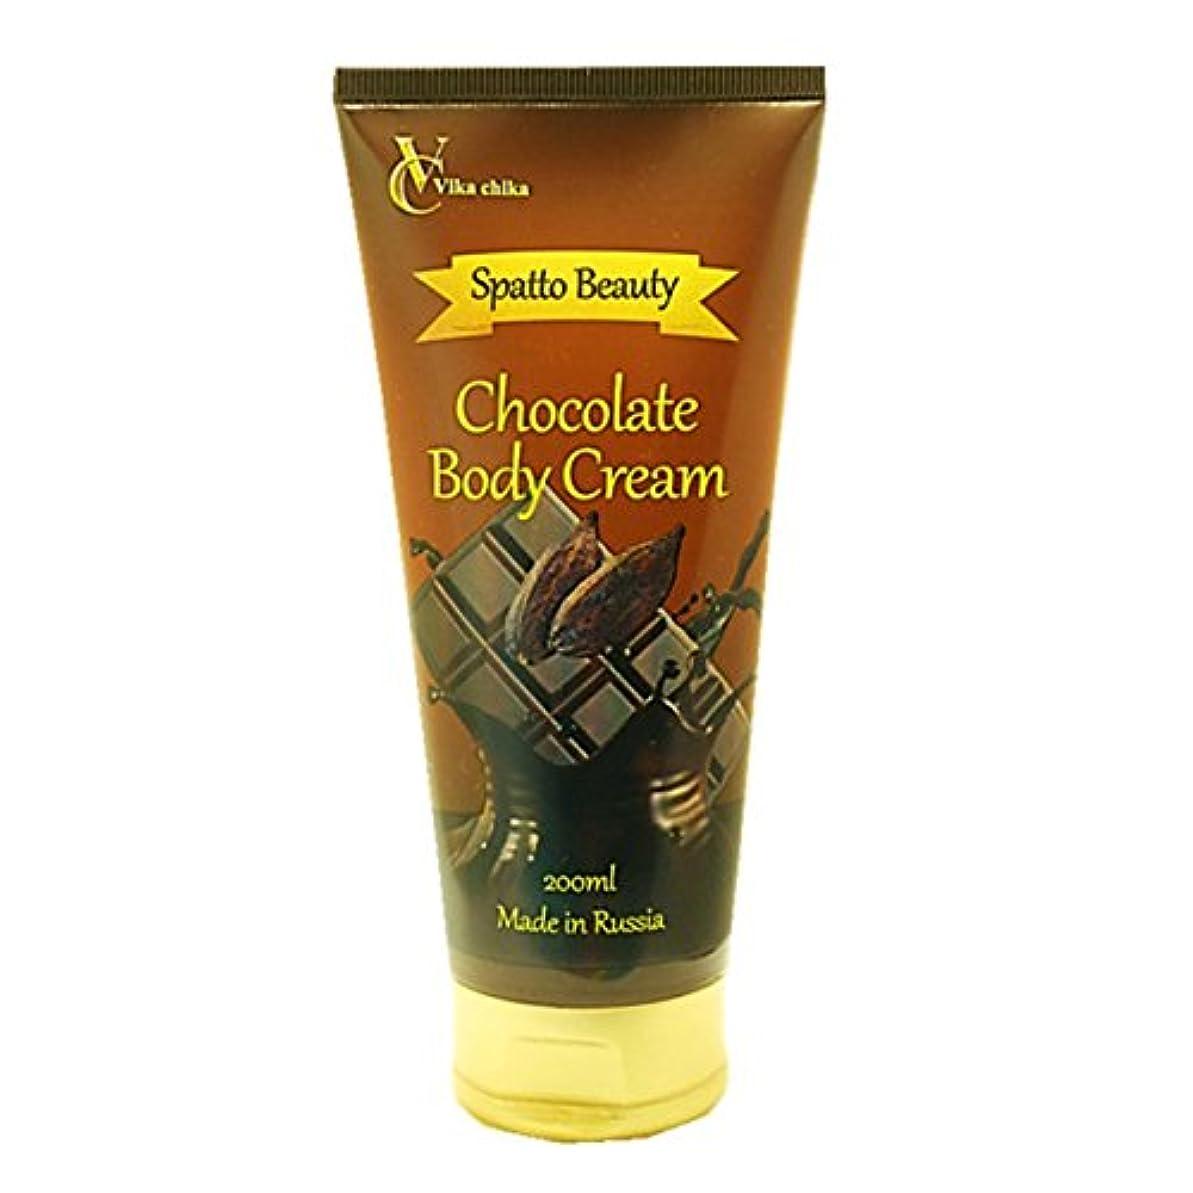 見分けるベーコン汚物スパッとビューティ チョコレートボディクリーム 200ml VC(ビッカチカ)